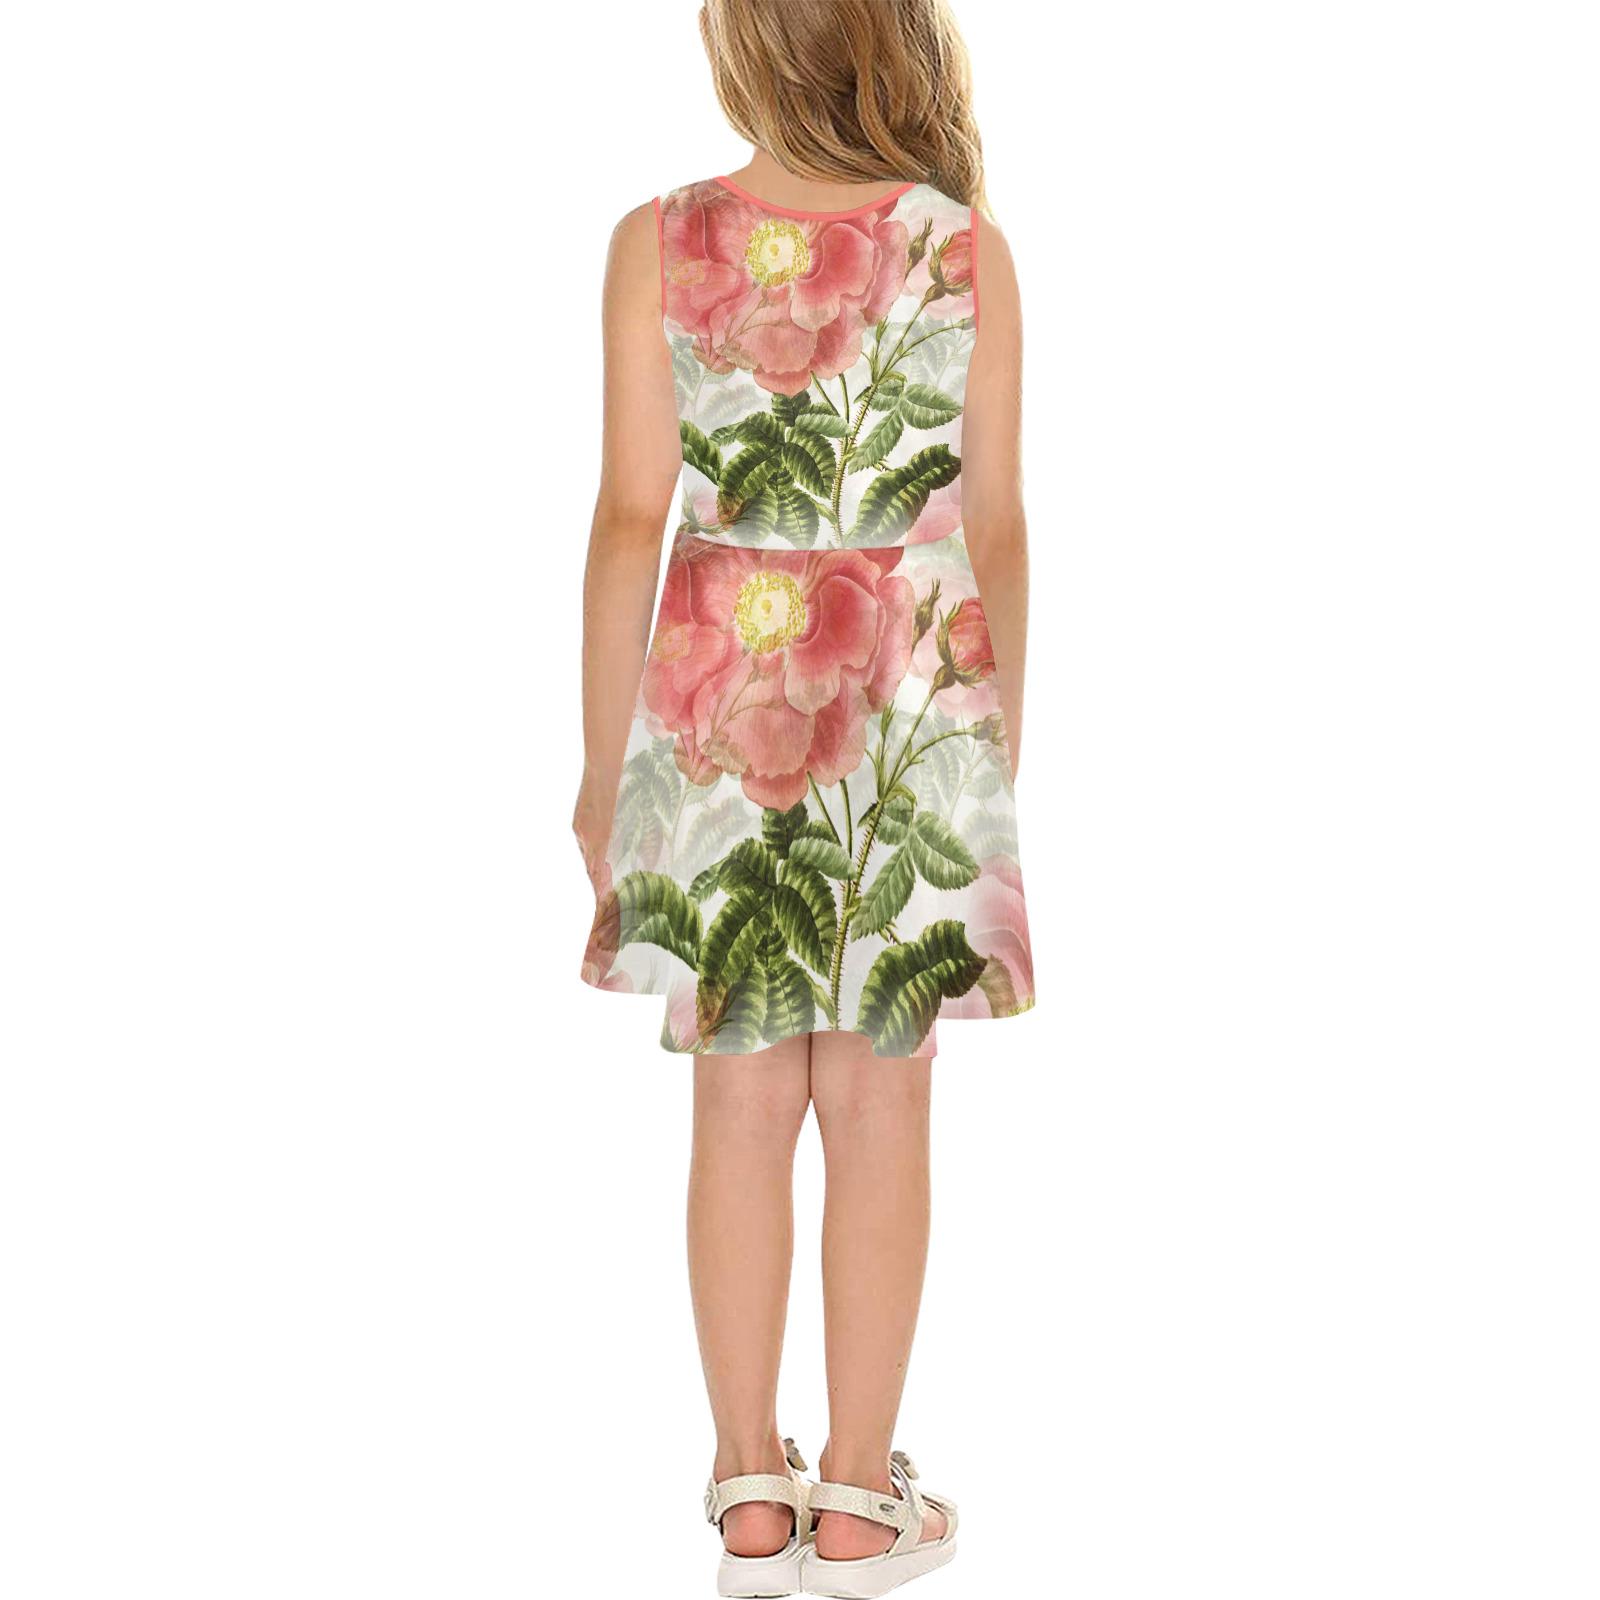 Vintage Red Rose Garden Pattern Girls' Sleeveless Sundress (Model D56)